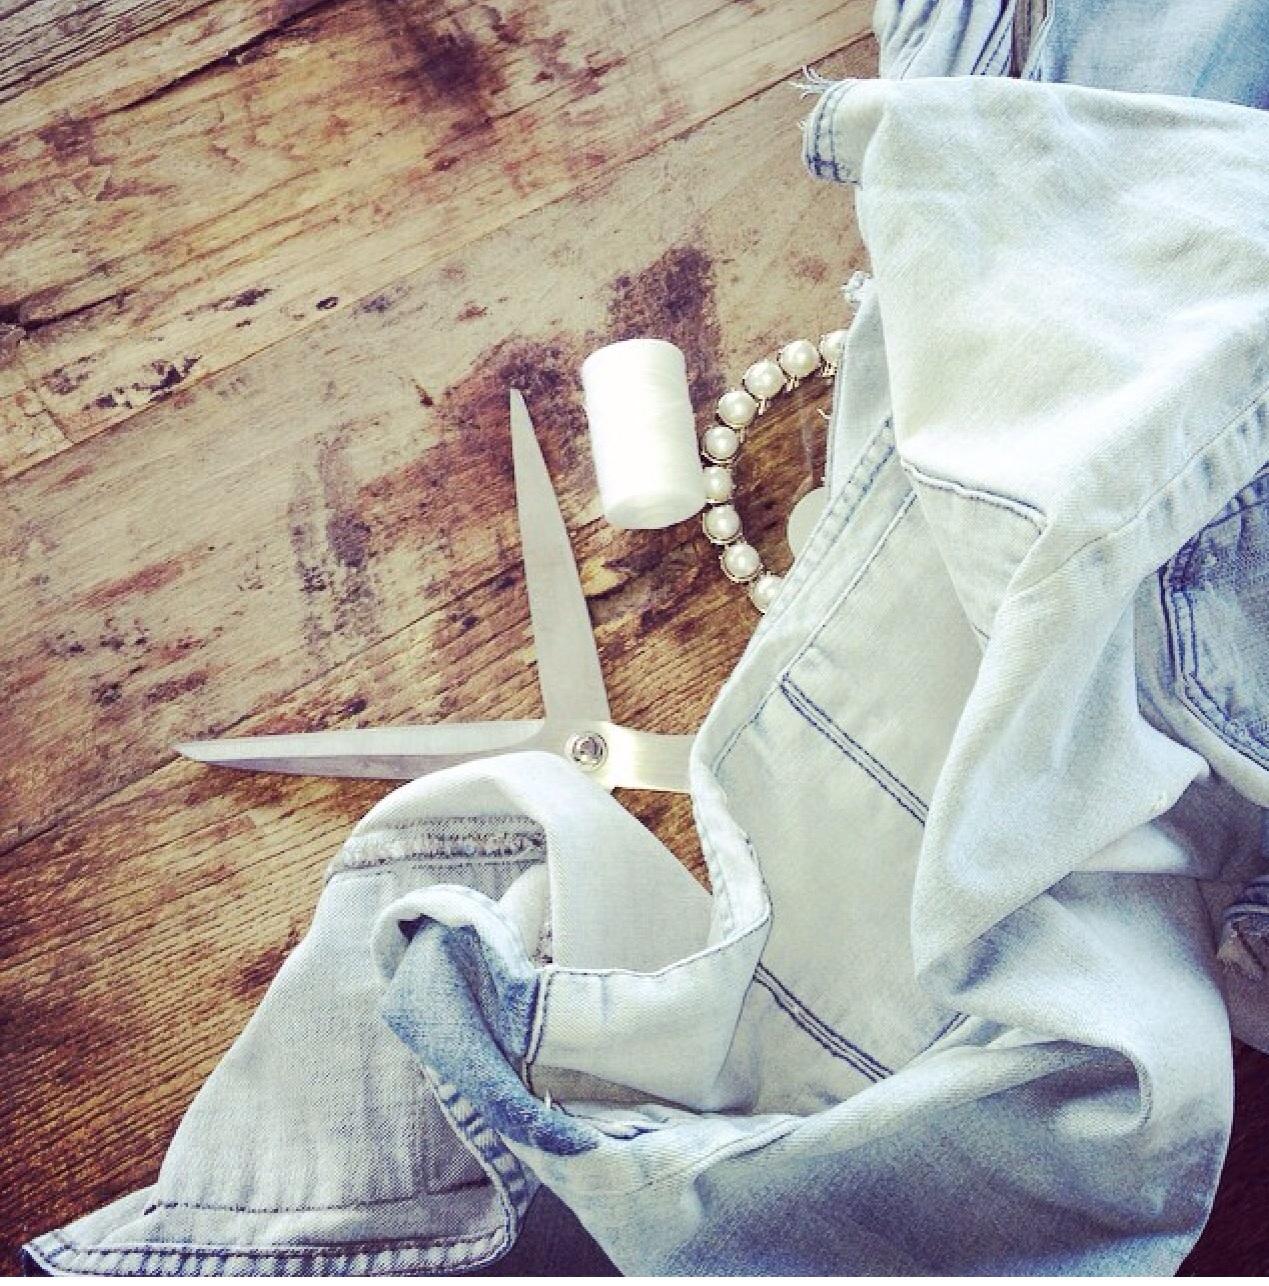 Jeg klippet like godt opp noen bukser og sydde sammen til en pute... Er IKKE noe syerske og har heller ikke noe tålmodighet til sying!